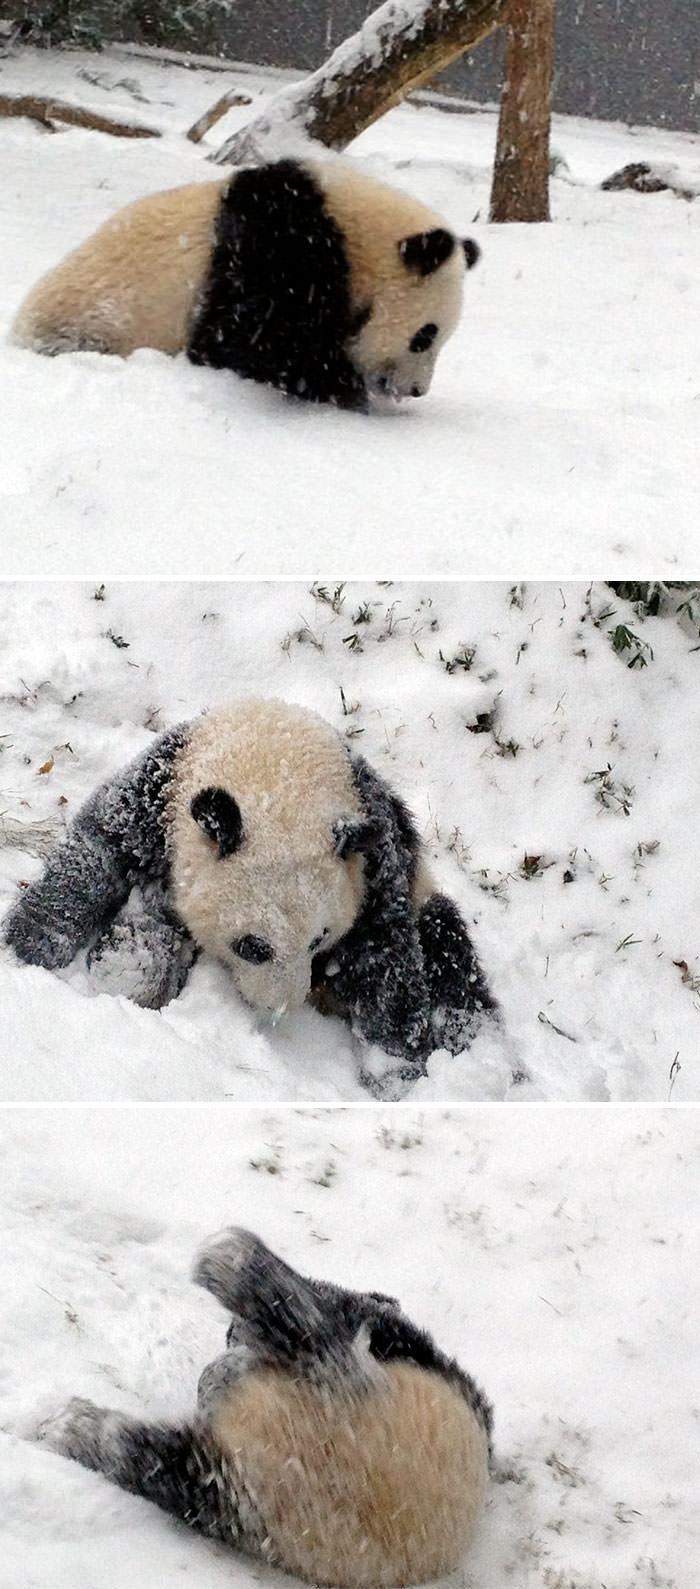 панда скатывается по снежному холму